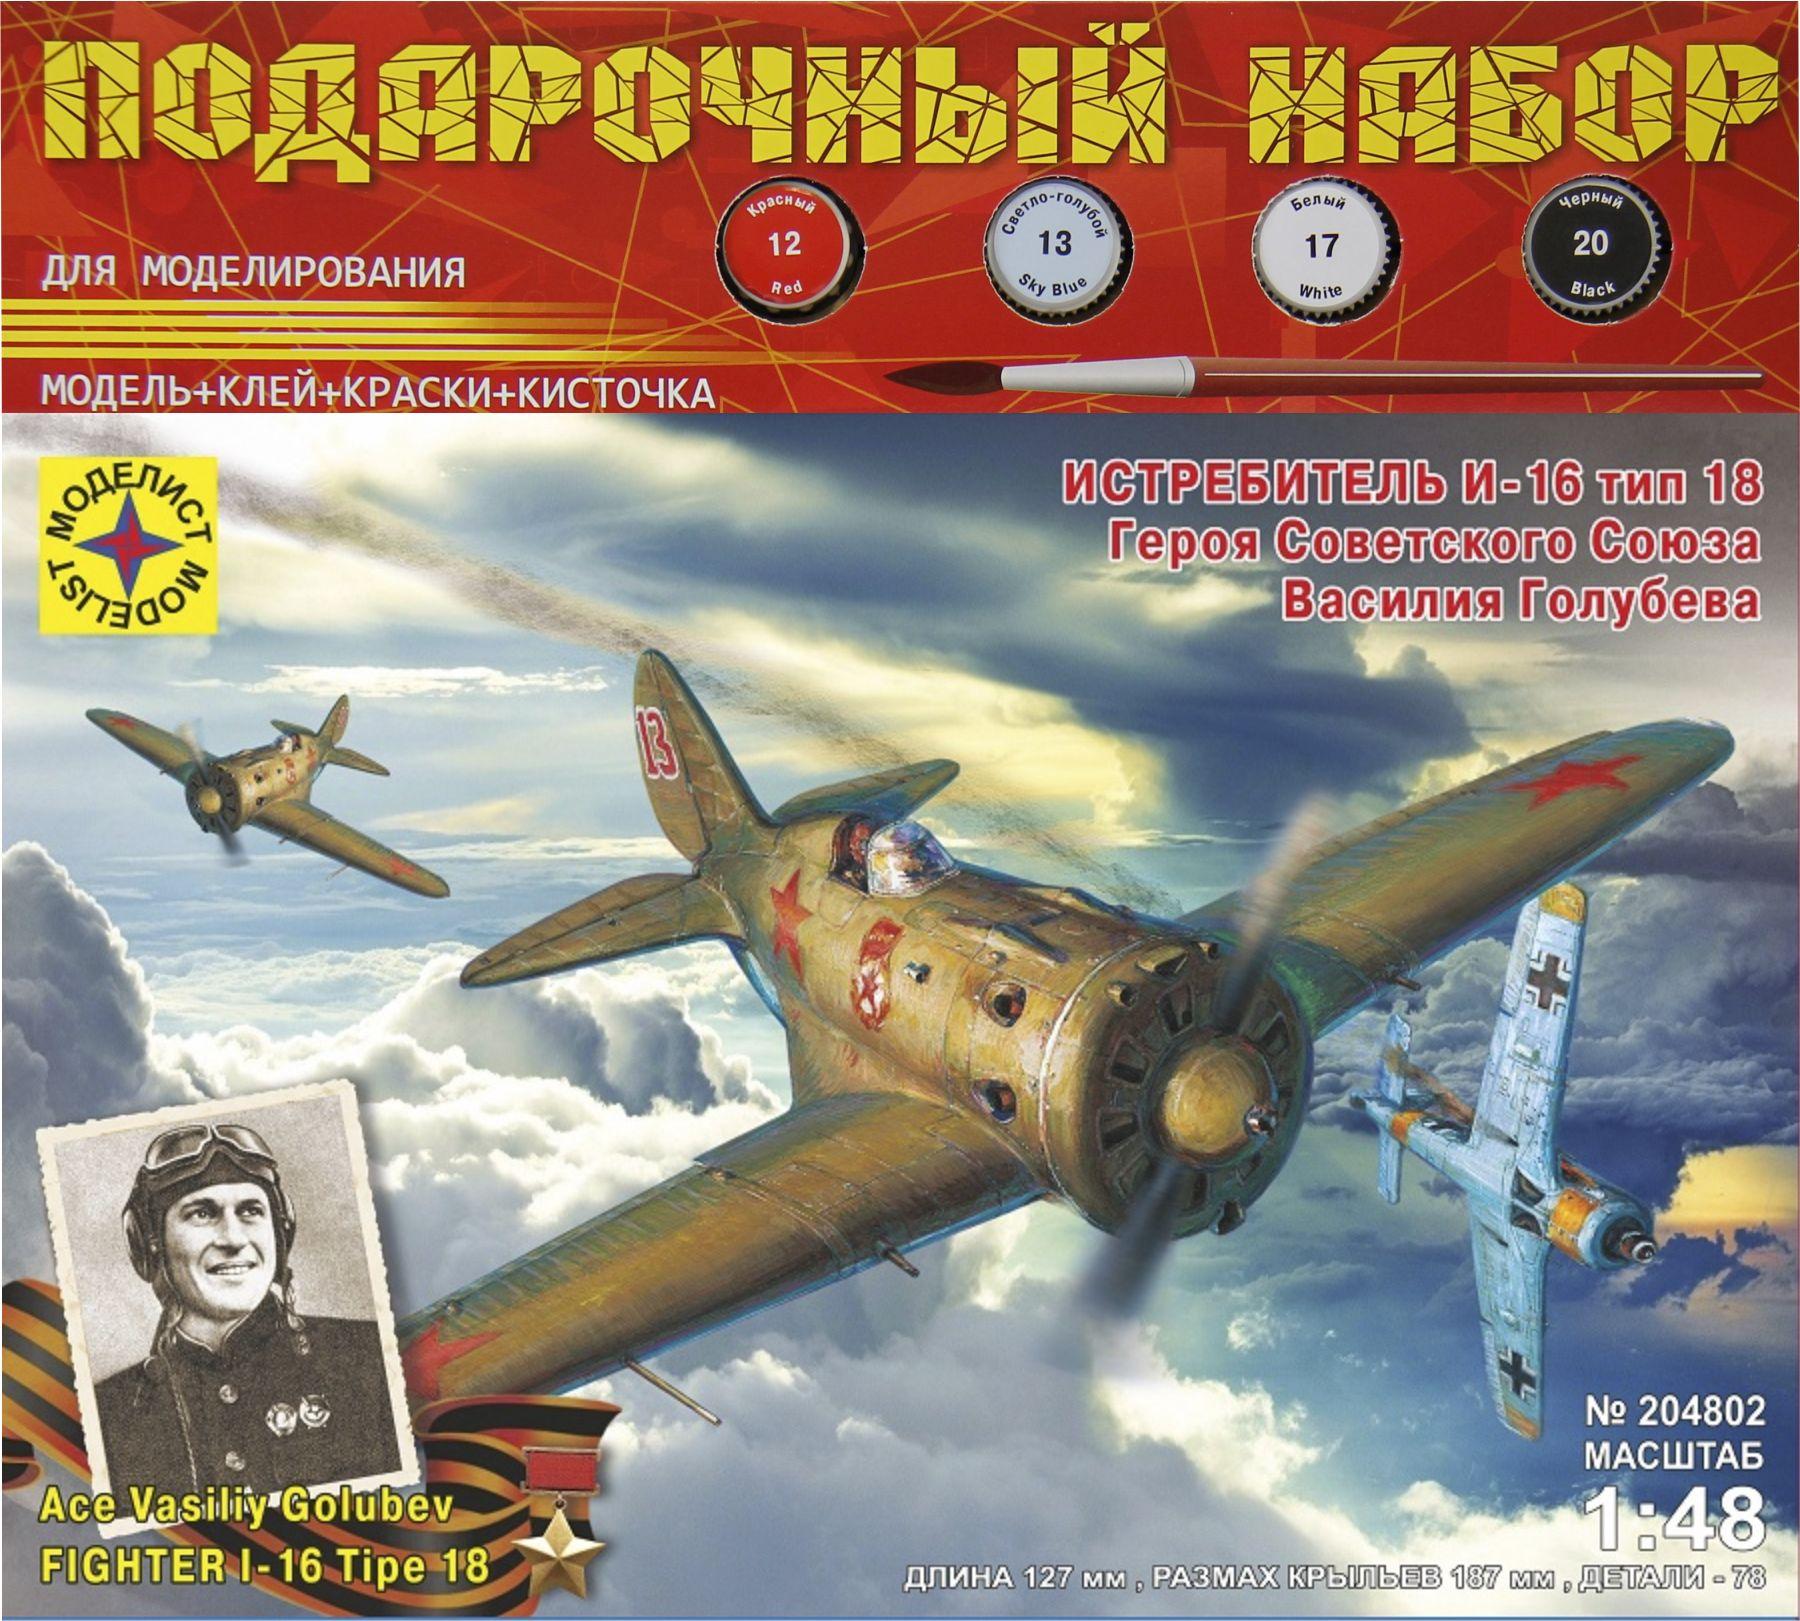 Моделист 204802 1:48 Самолёт истребитель И-16 тип 18 Героя Советского Союза Василия Голубева